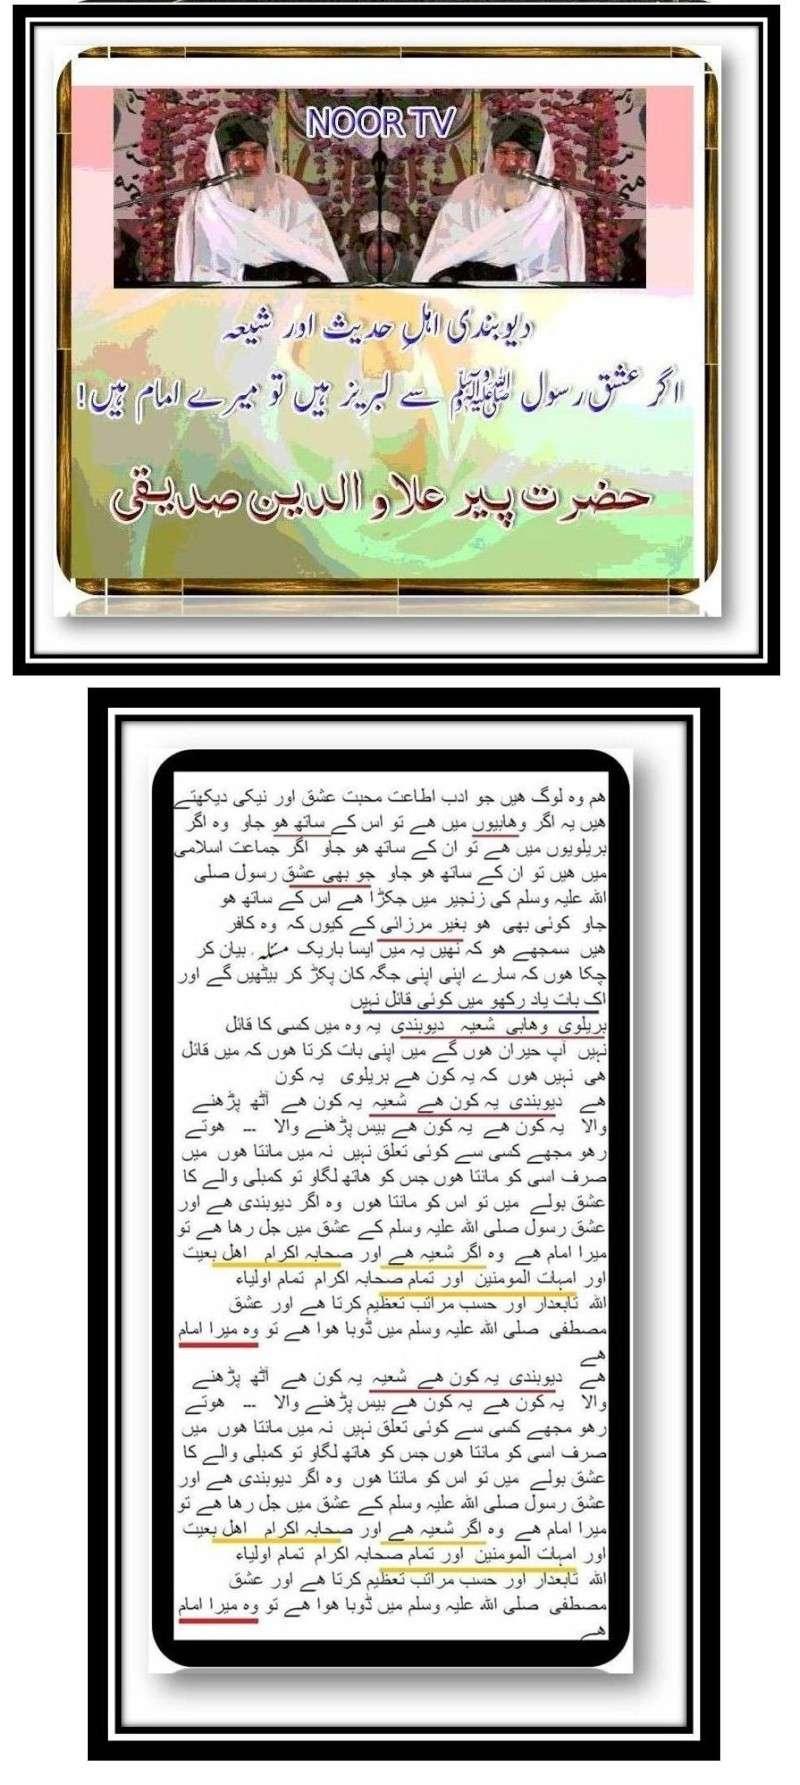 پیران اکرام کی آراء Sdiqee10